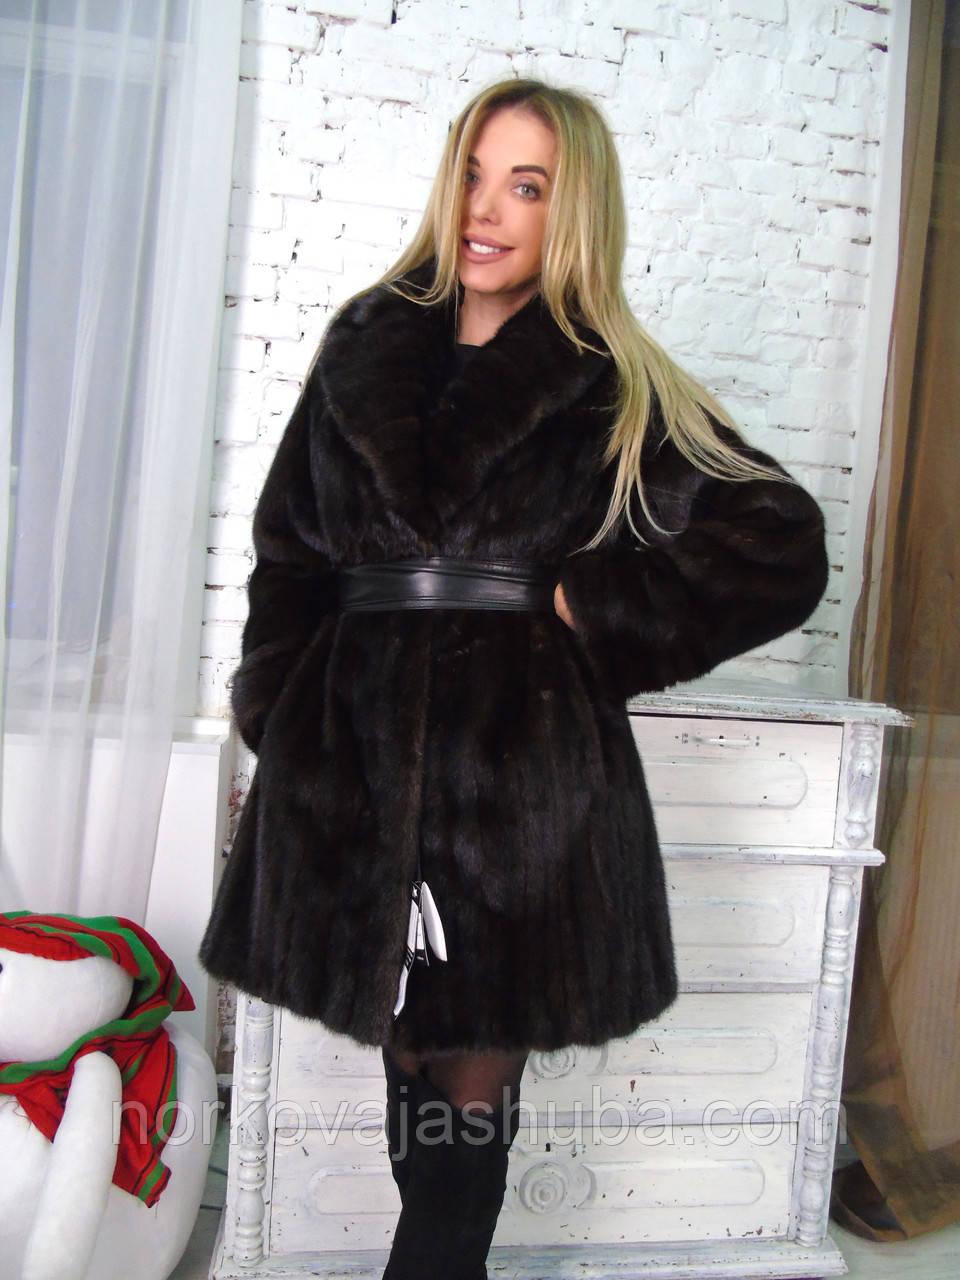 Норковая шуба 50 48 размера с шалевым воротником - Интернет-магазин FUR  STAR в Харькове ae543cd0b4686